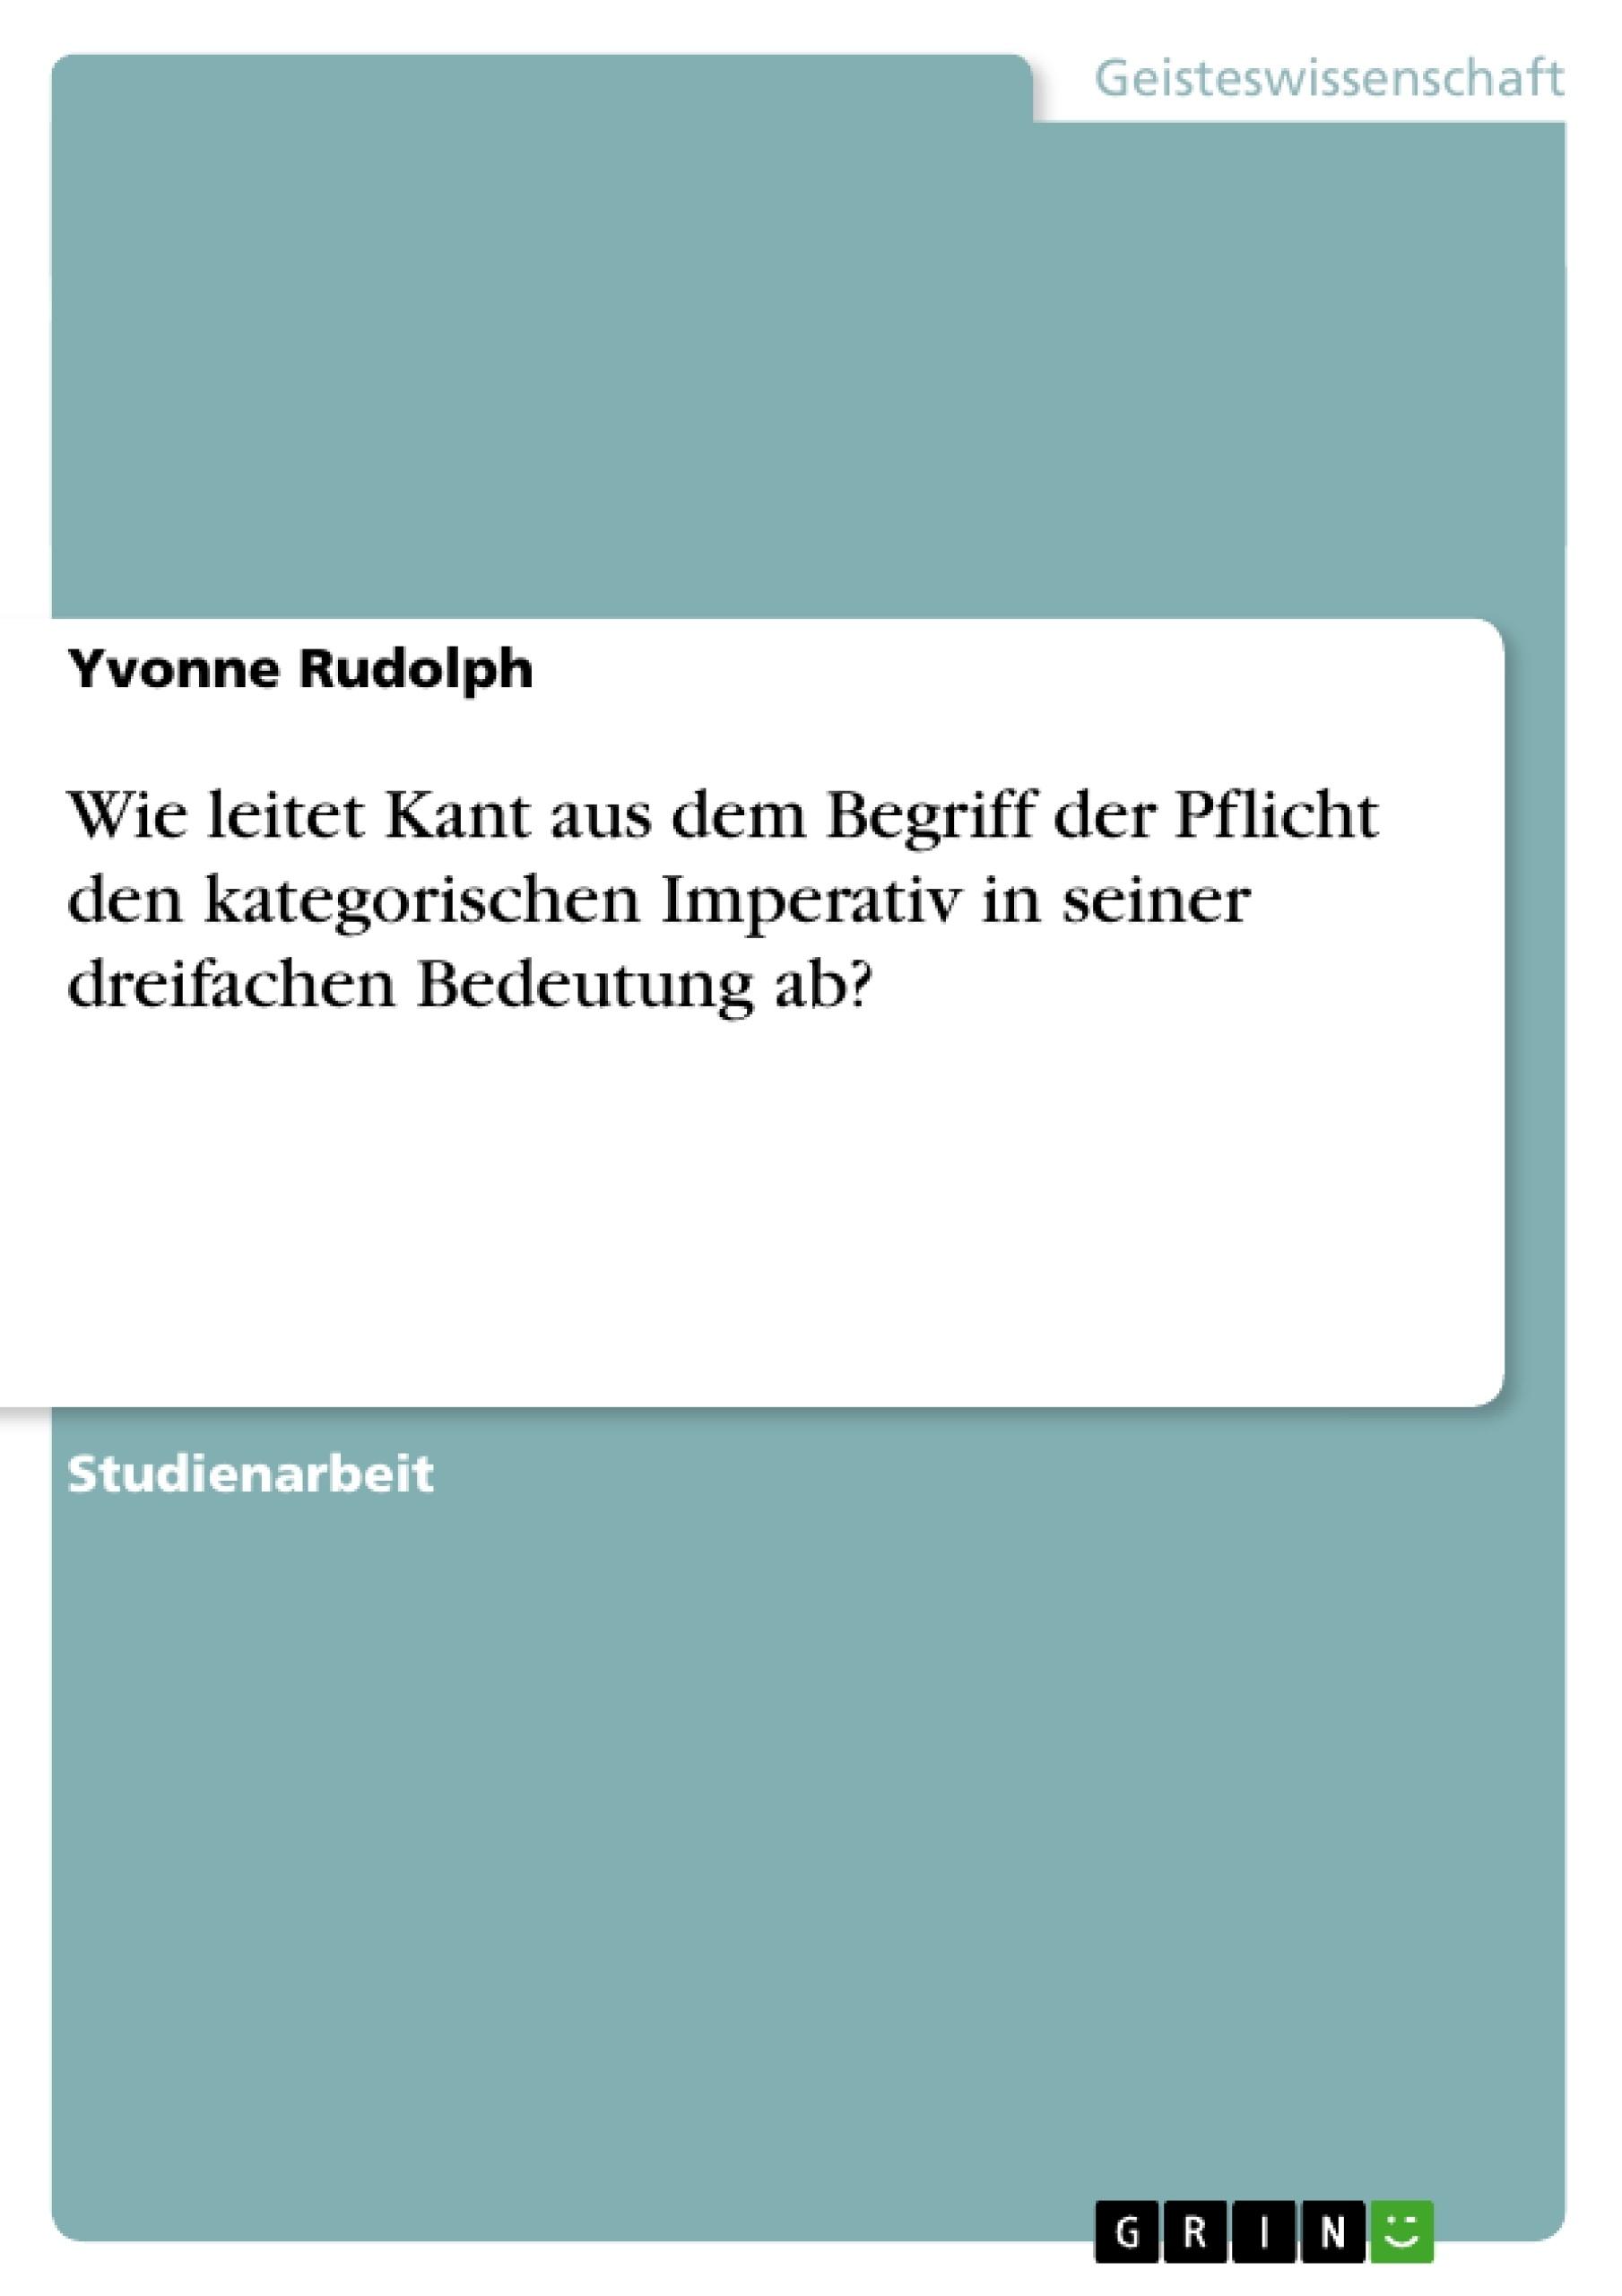 Titel: Wie leitet Kant aus dem Begriff der Pflicht den kategorischen Imperativ in seiner dreifachen Bedeutung ab?